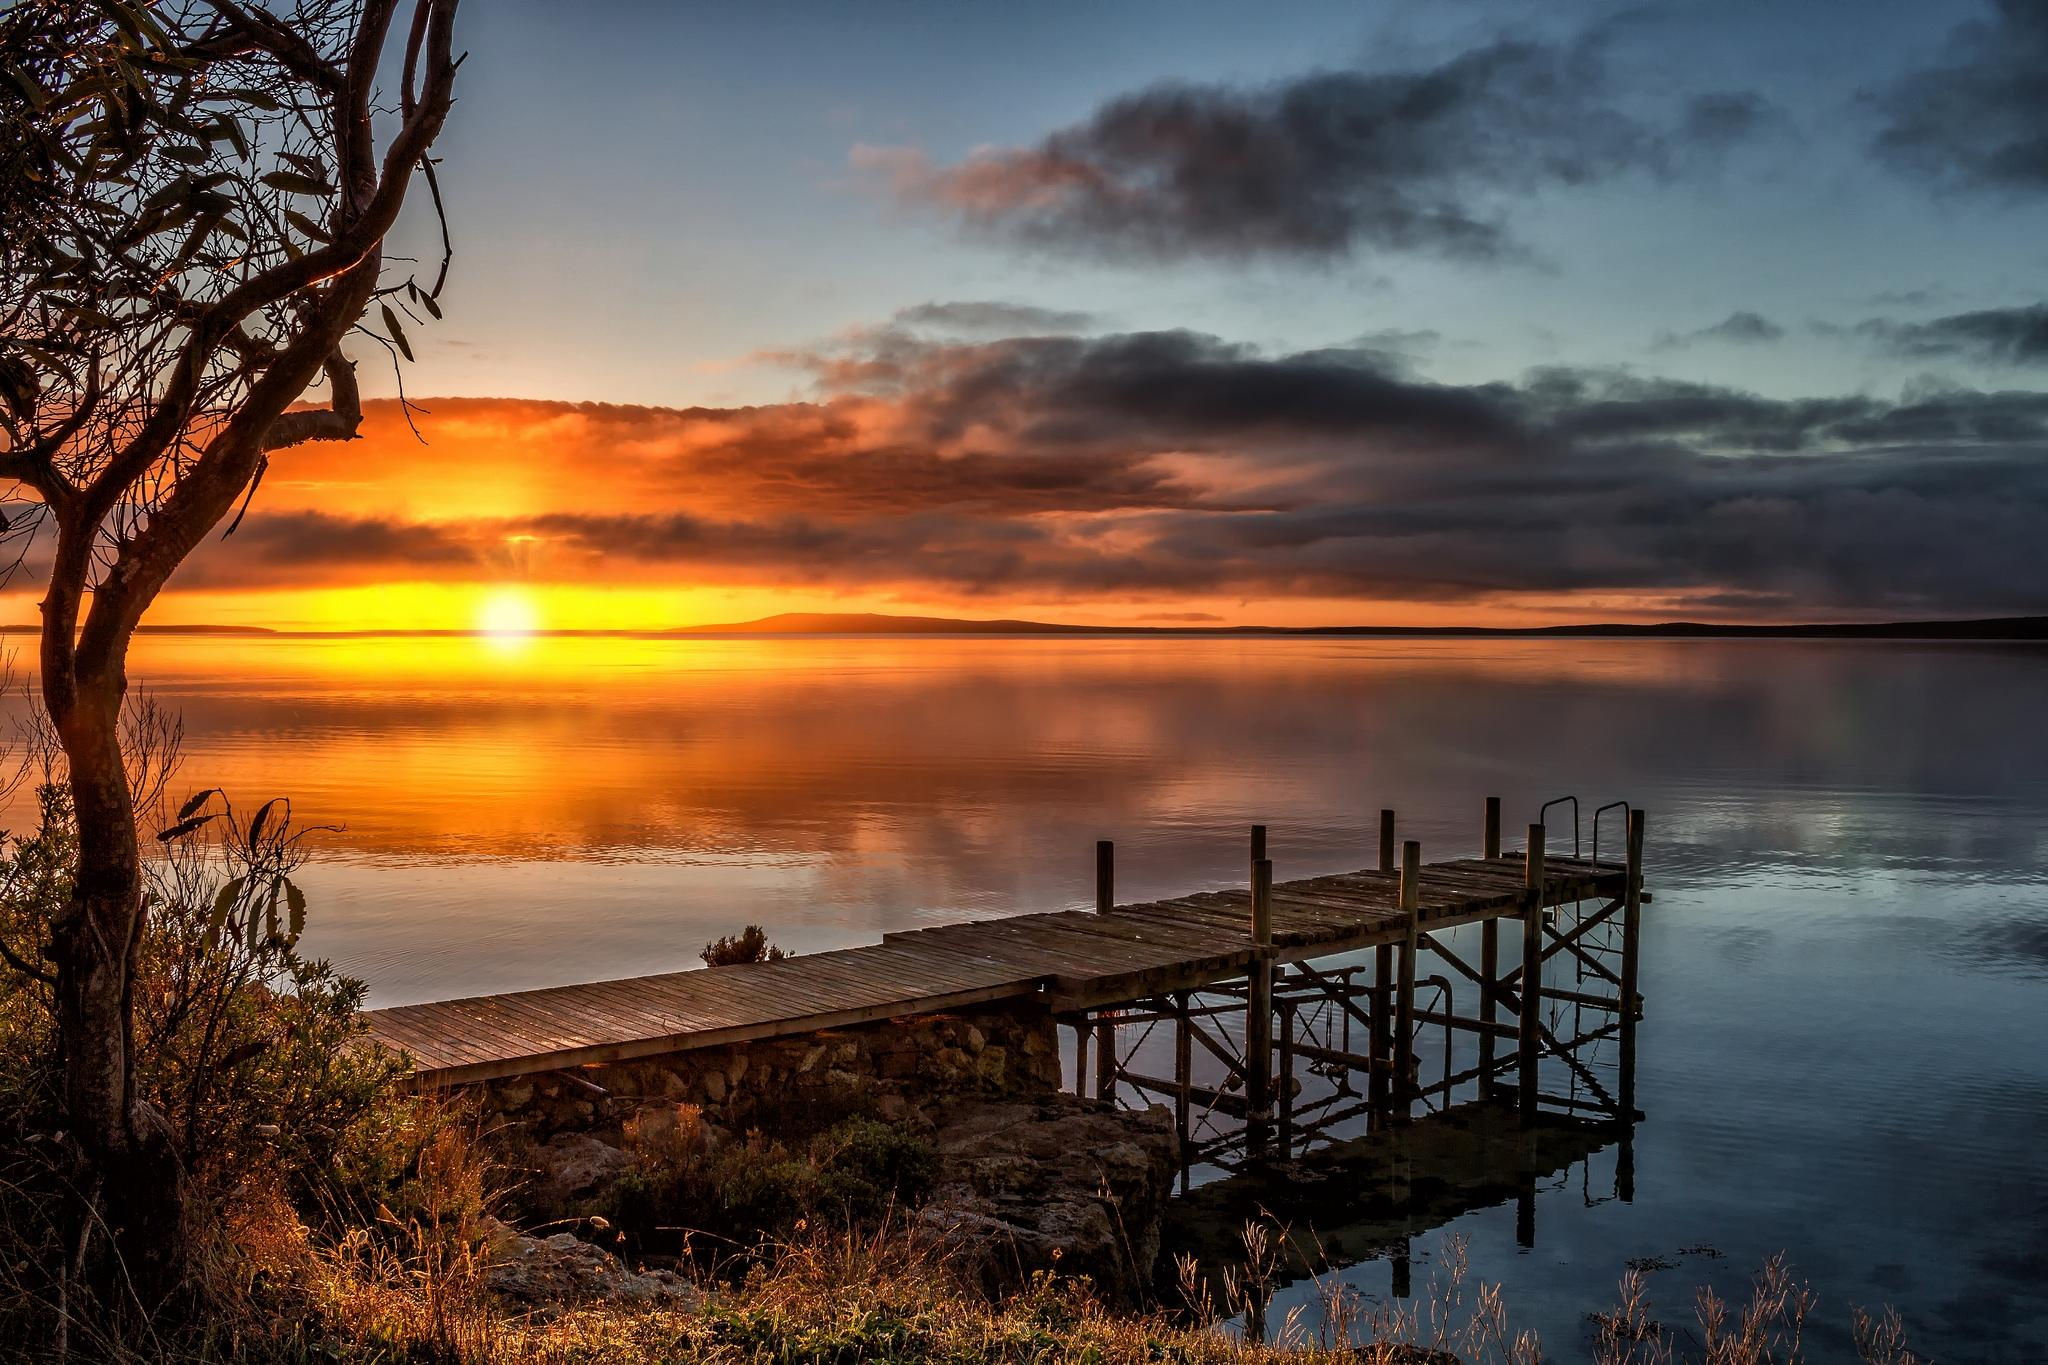 закат, пирс, озеро без смс